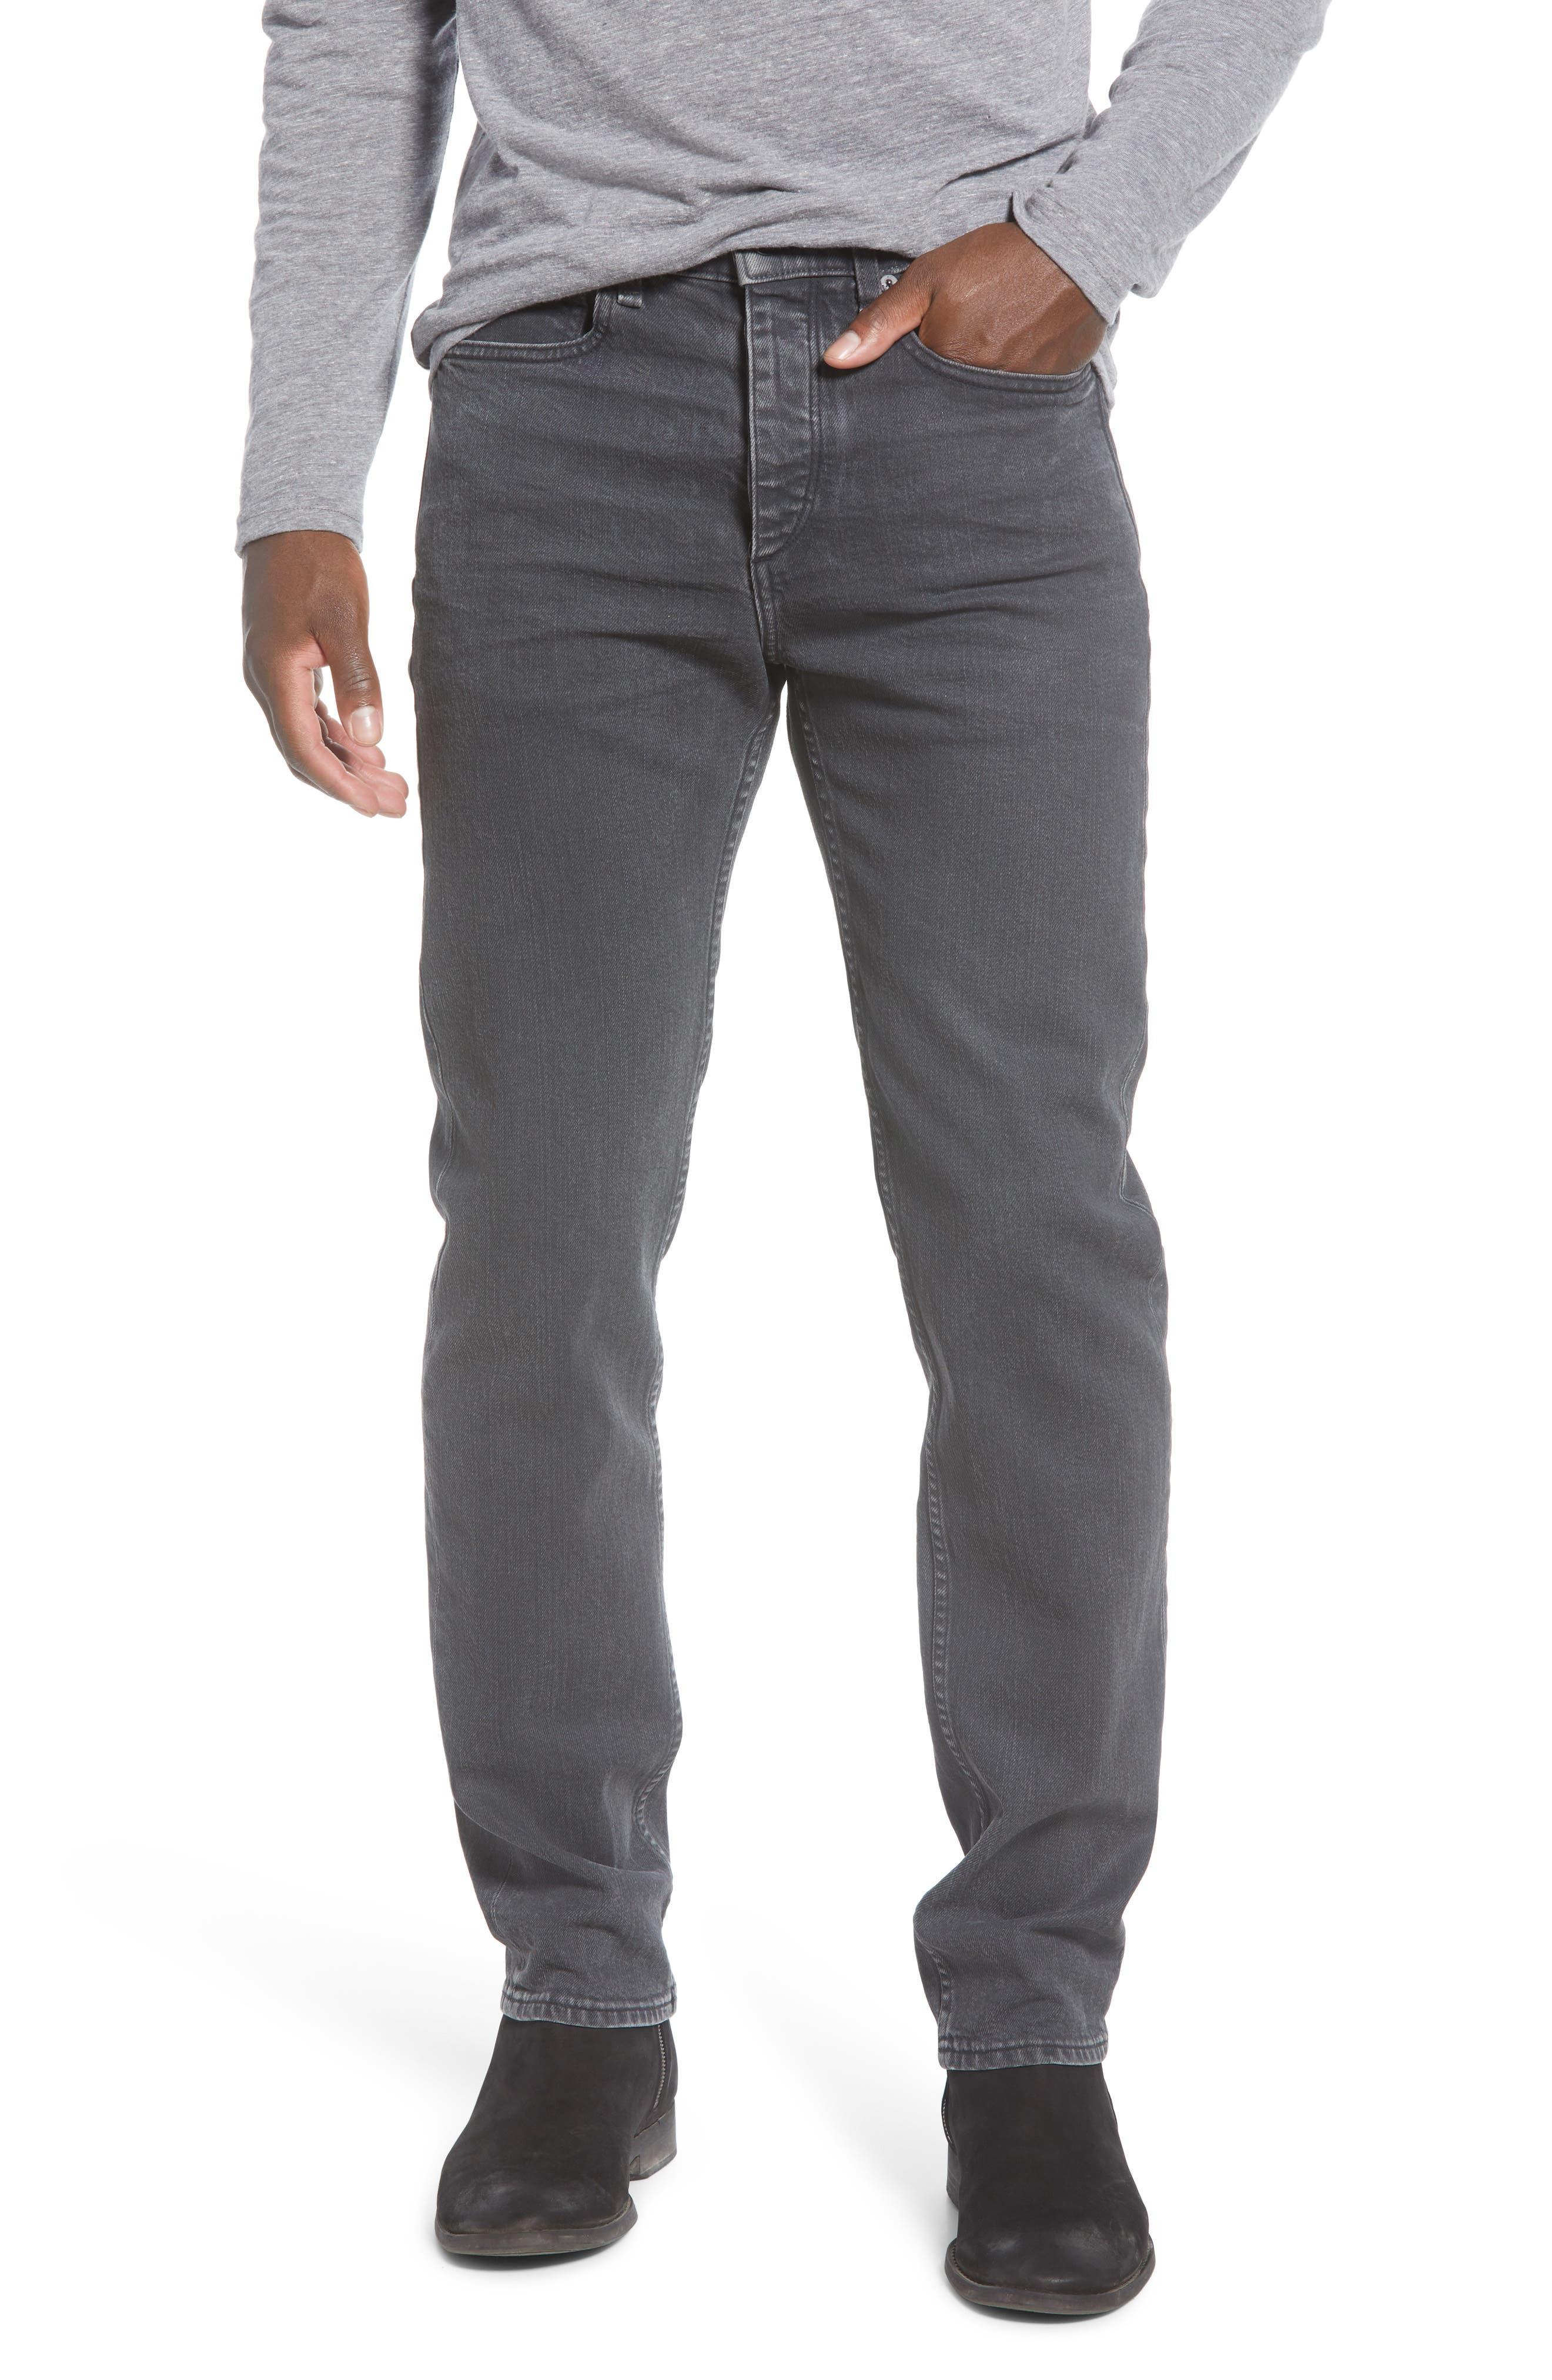 Fit 2 Slim Fit Jeans by Rag & Bone